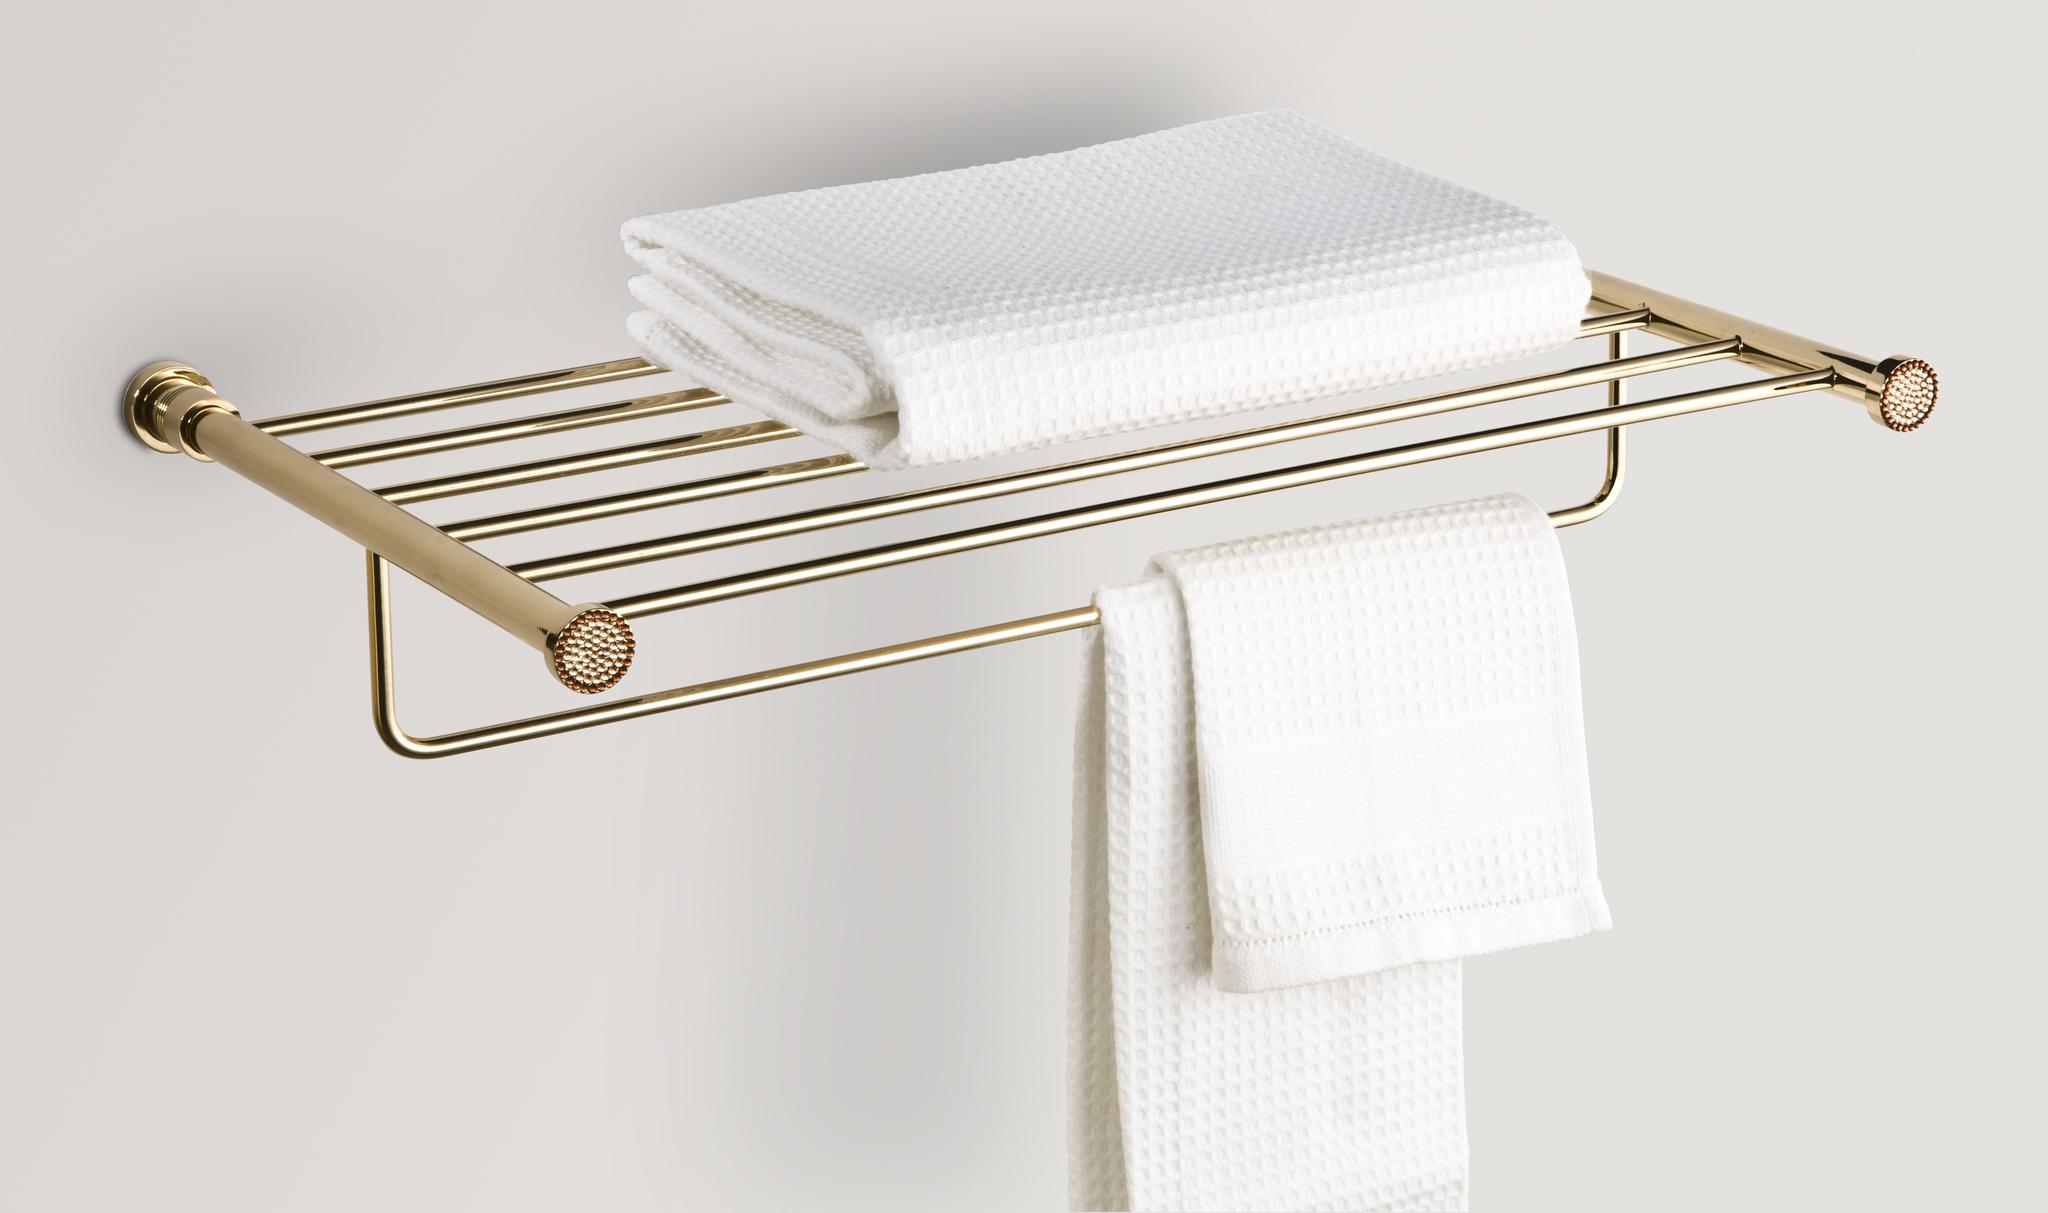 Держатели для ванной Полка для полотенец Windisch 85560O Starlight polka-dlya-polotenets-85560-starlight-ot-windisch-ispaniya.jpg